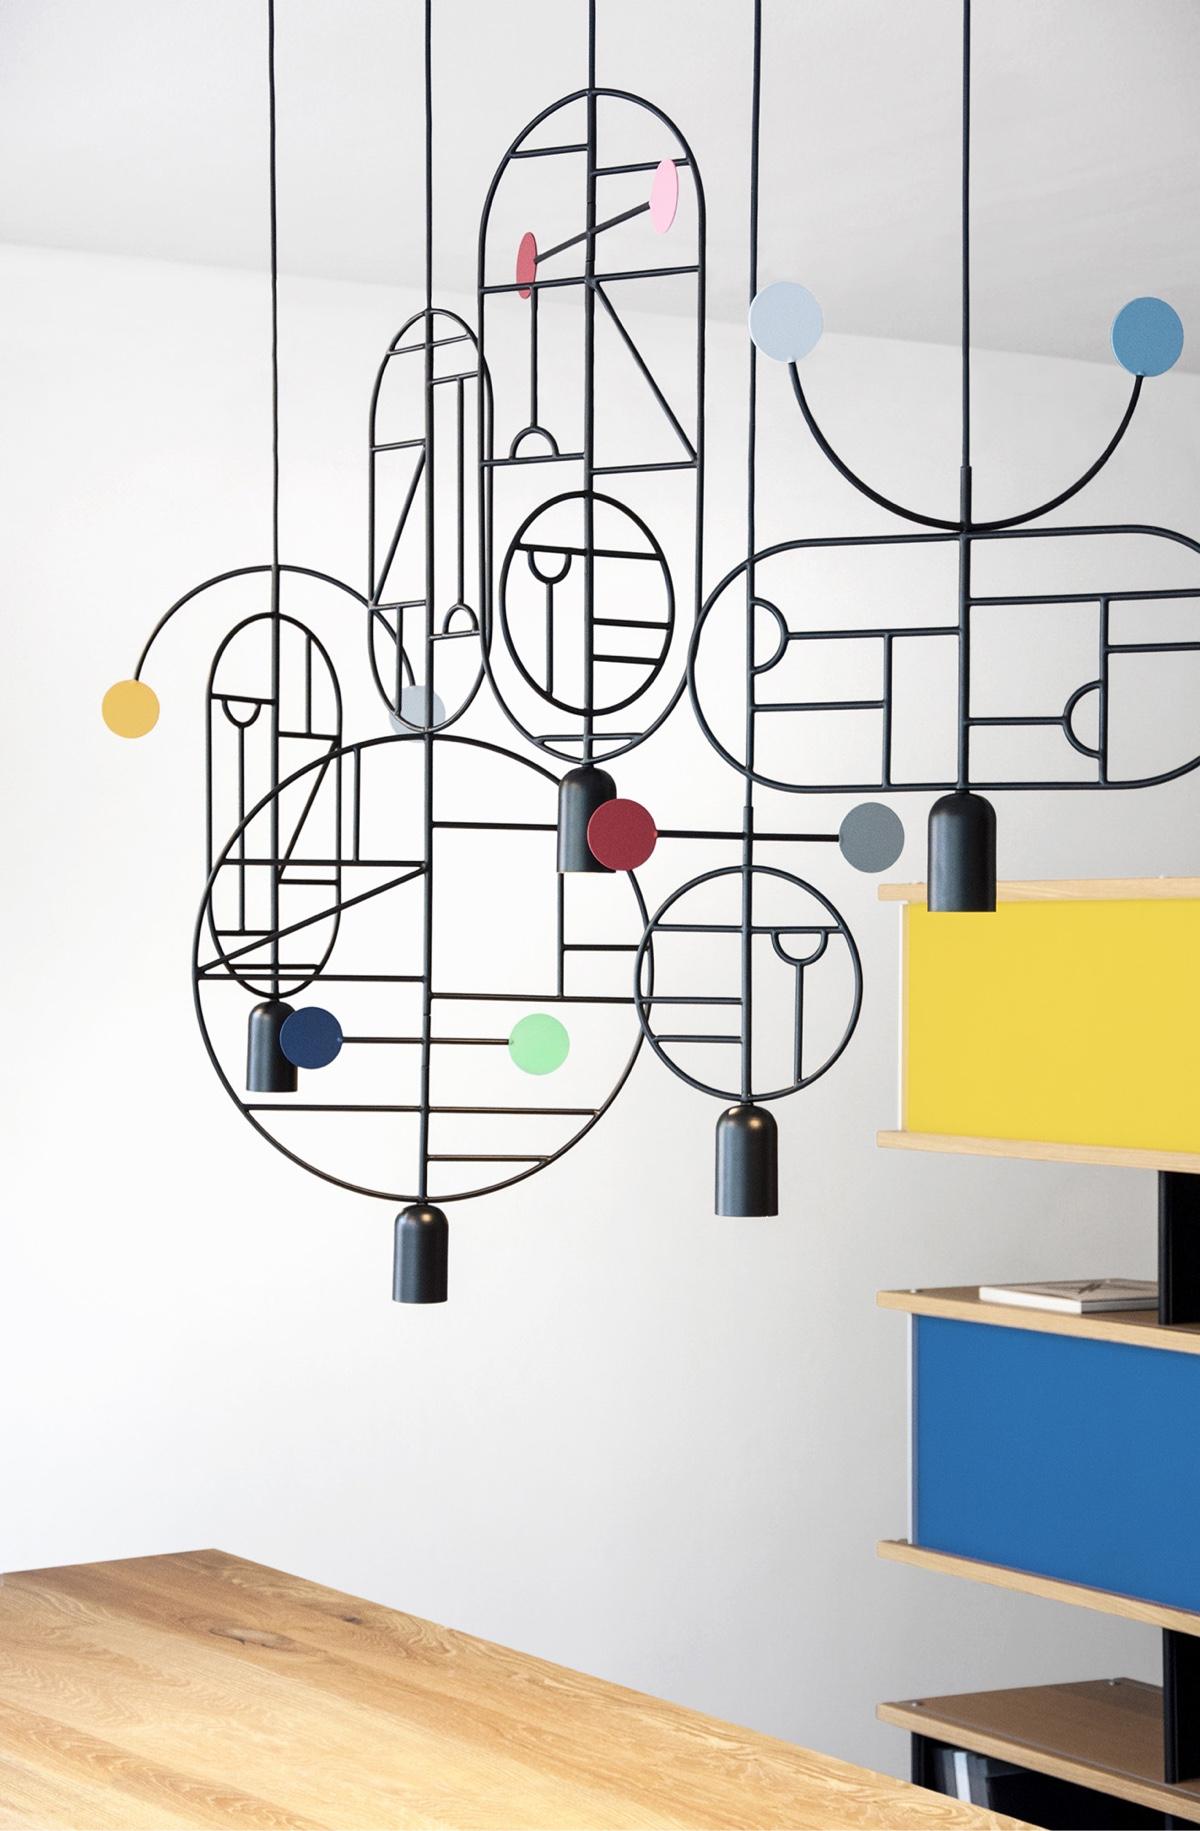 Lámparas Lines & Dots de GOFI